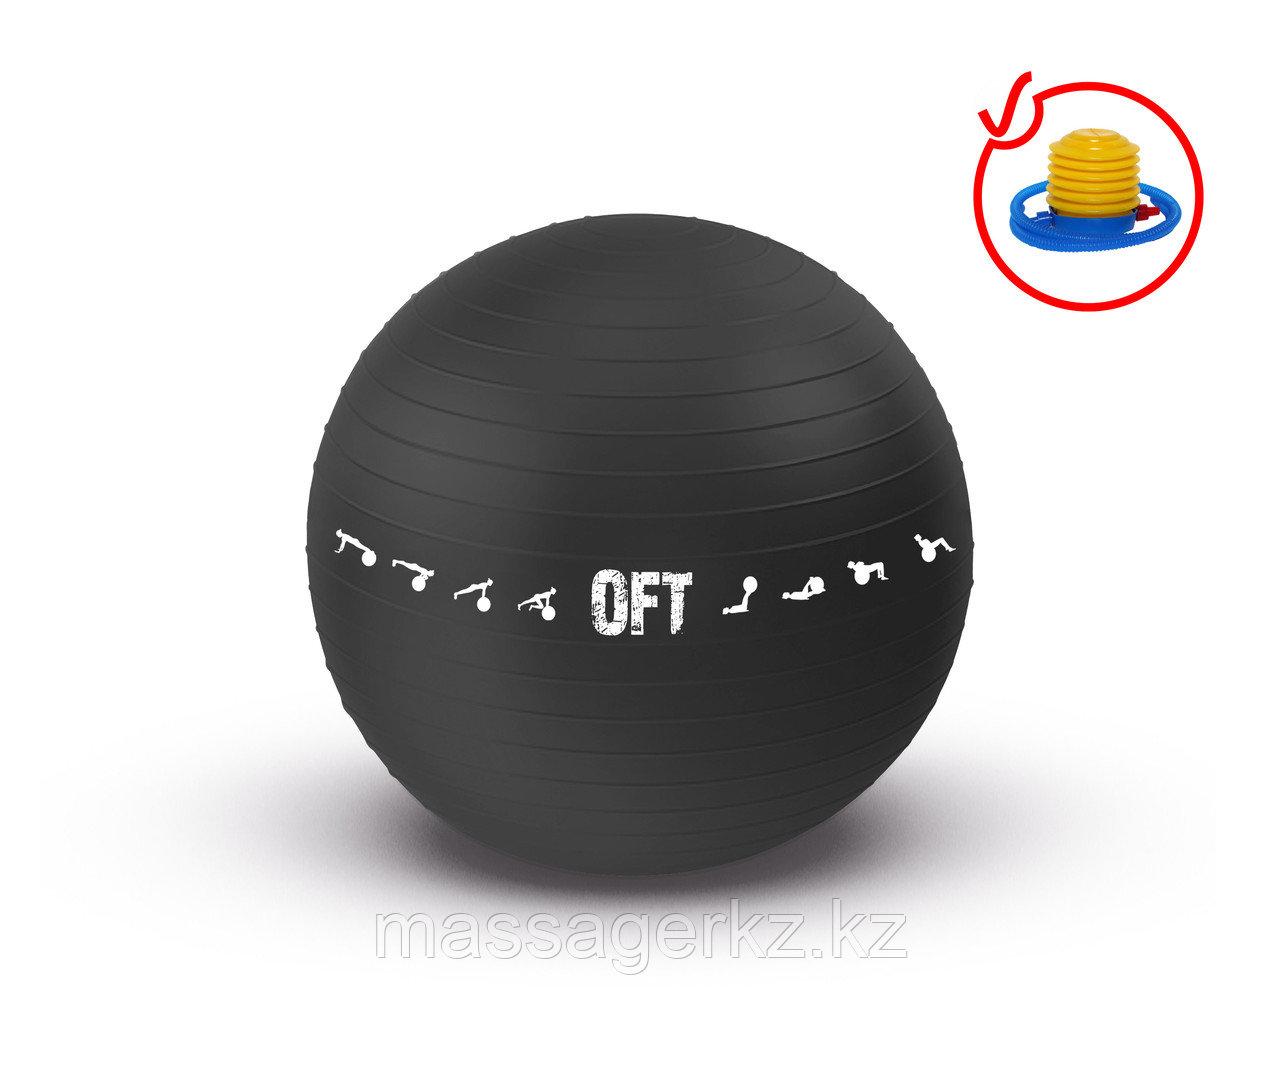 Гимнастический мяч 75 см для коммерческого использования черный с насосом - фото 1